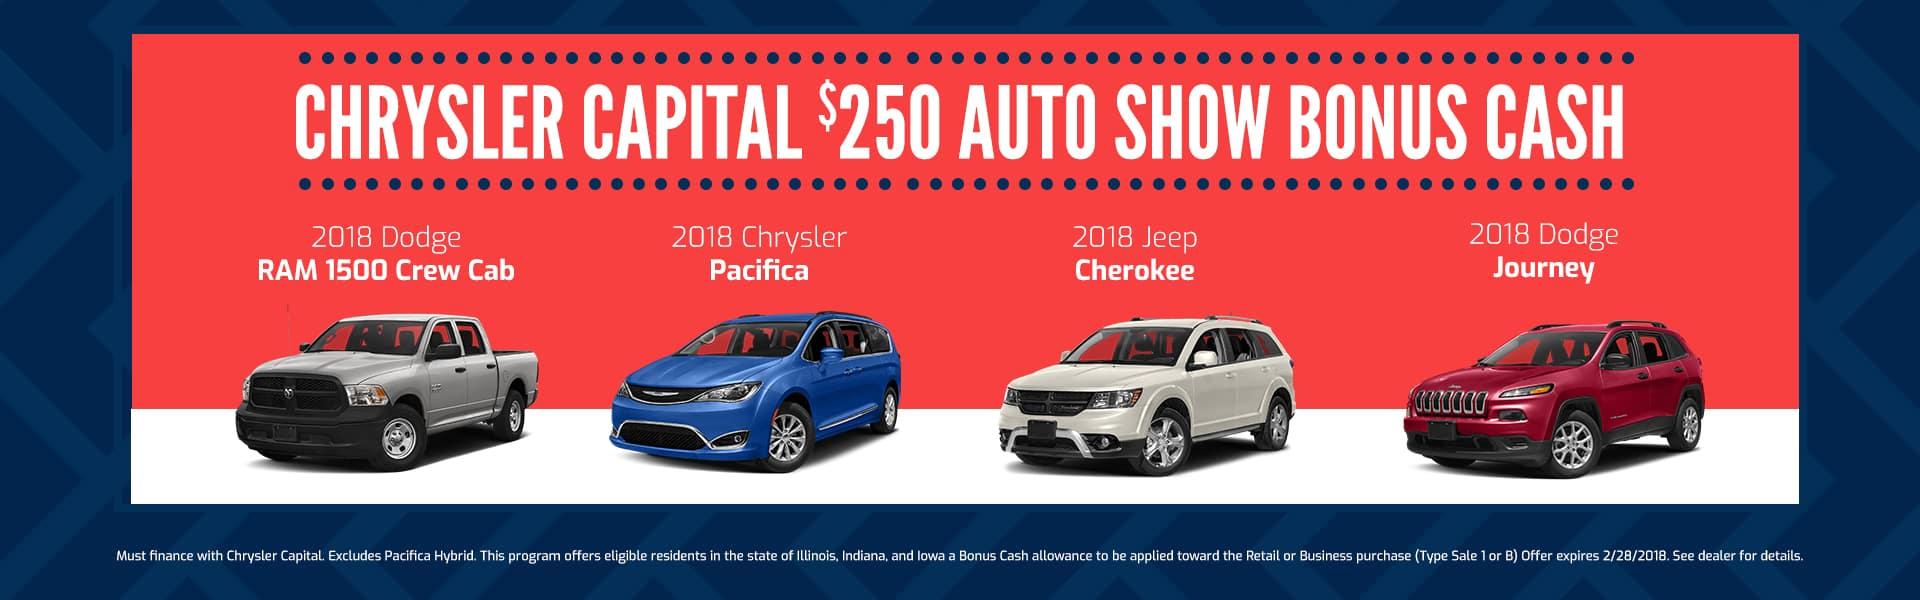 CC Auto Show Bonus Cash